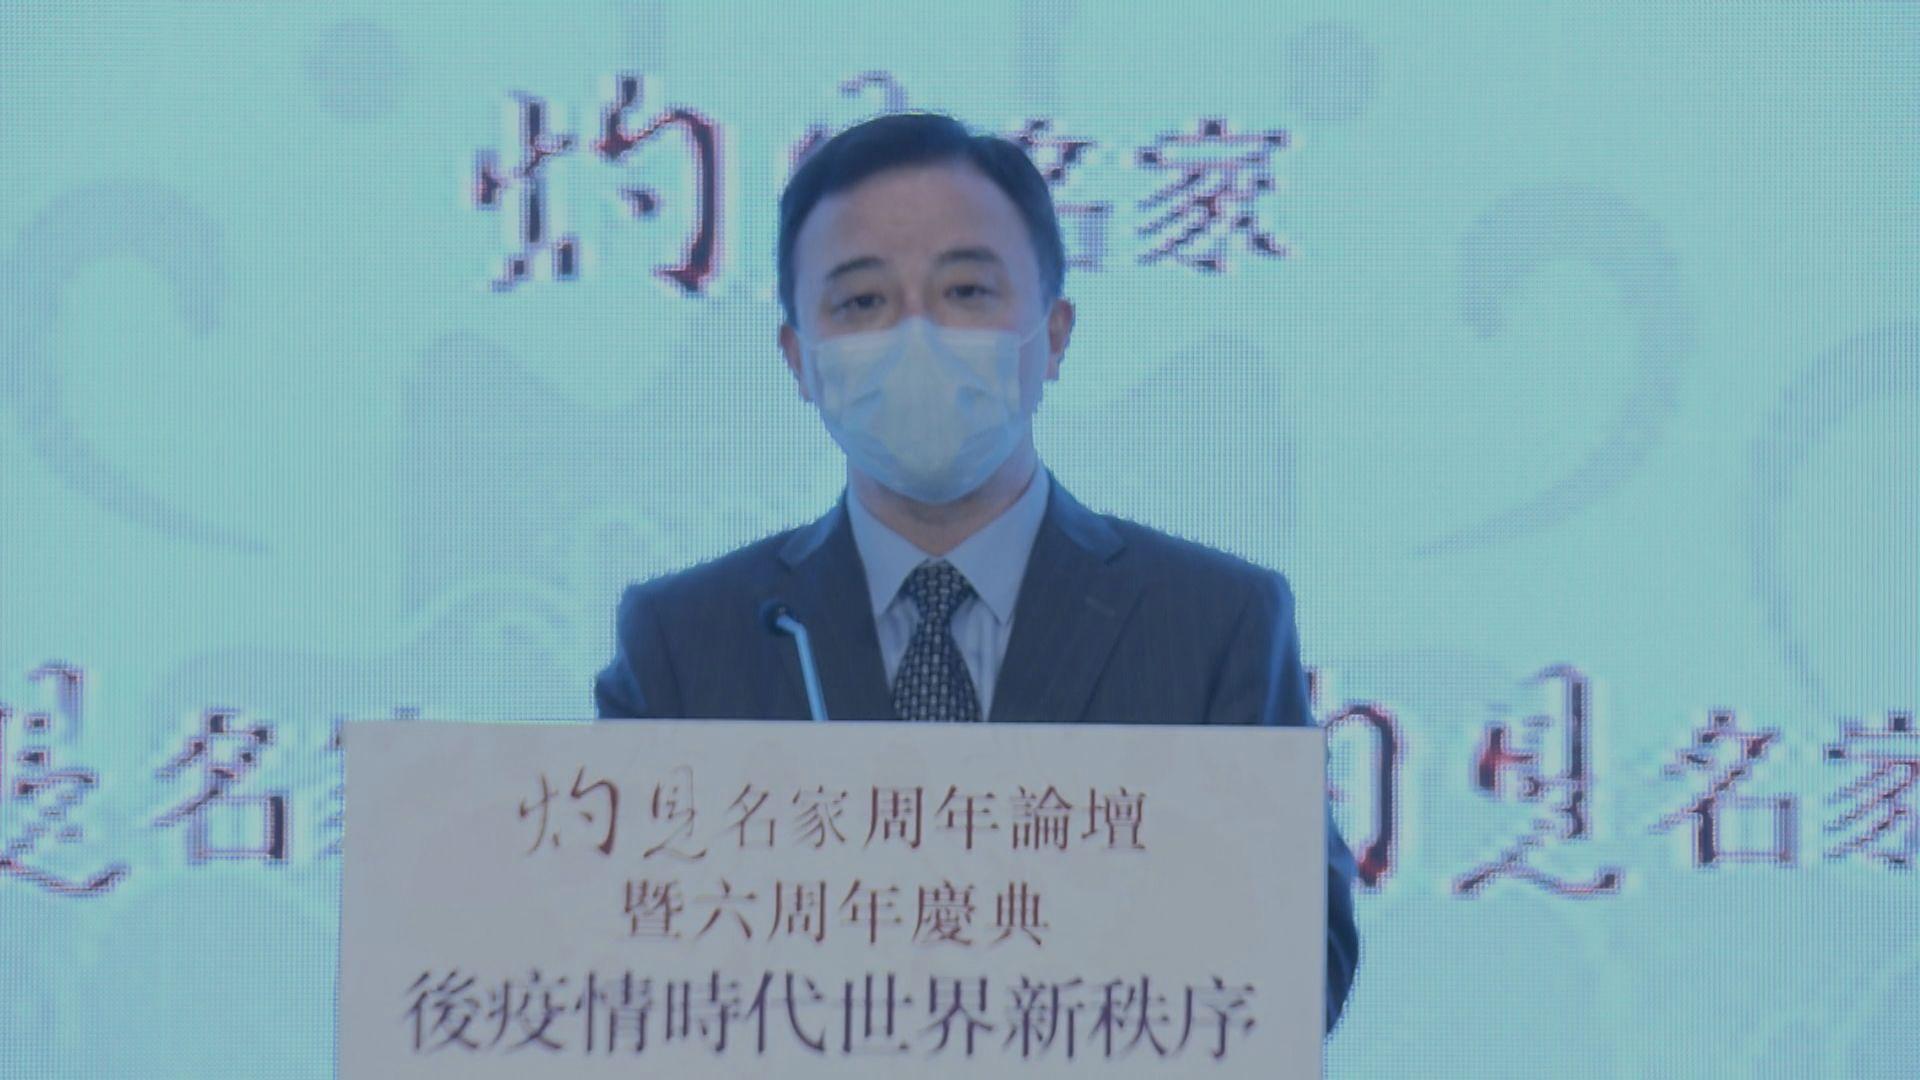 張翔談港大副校長 指港人應接受來自世界各地的人才